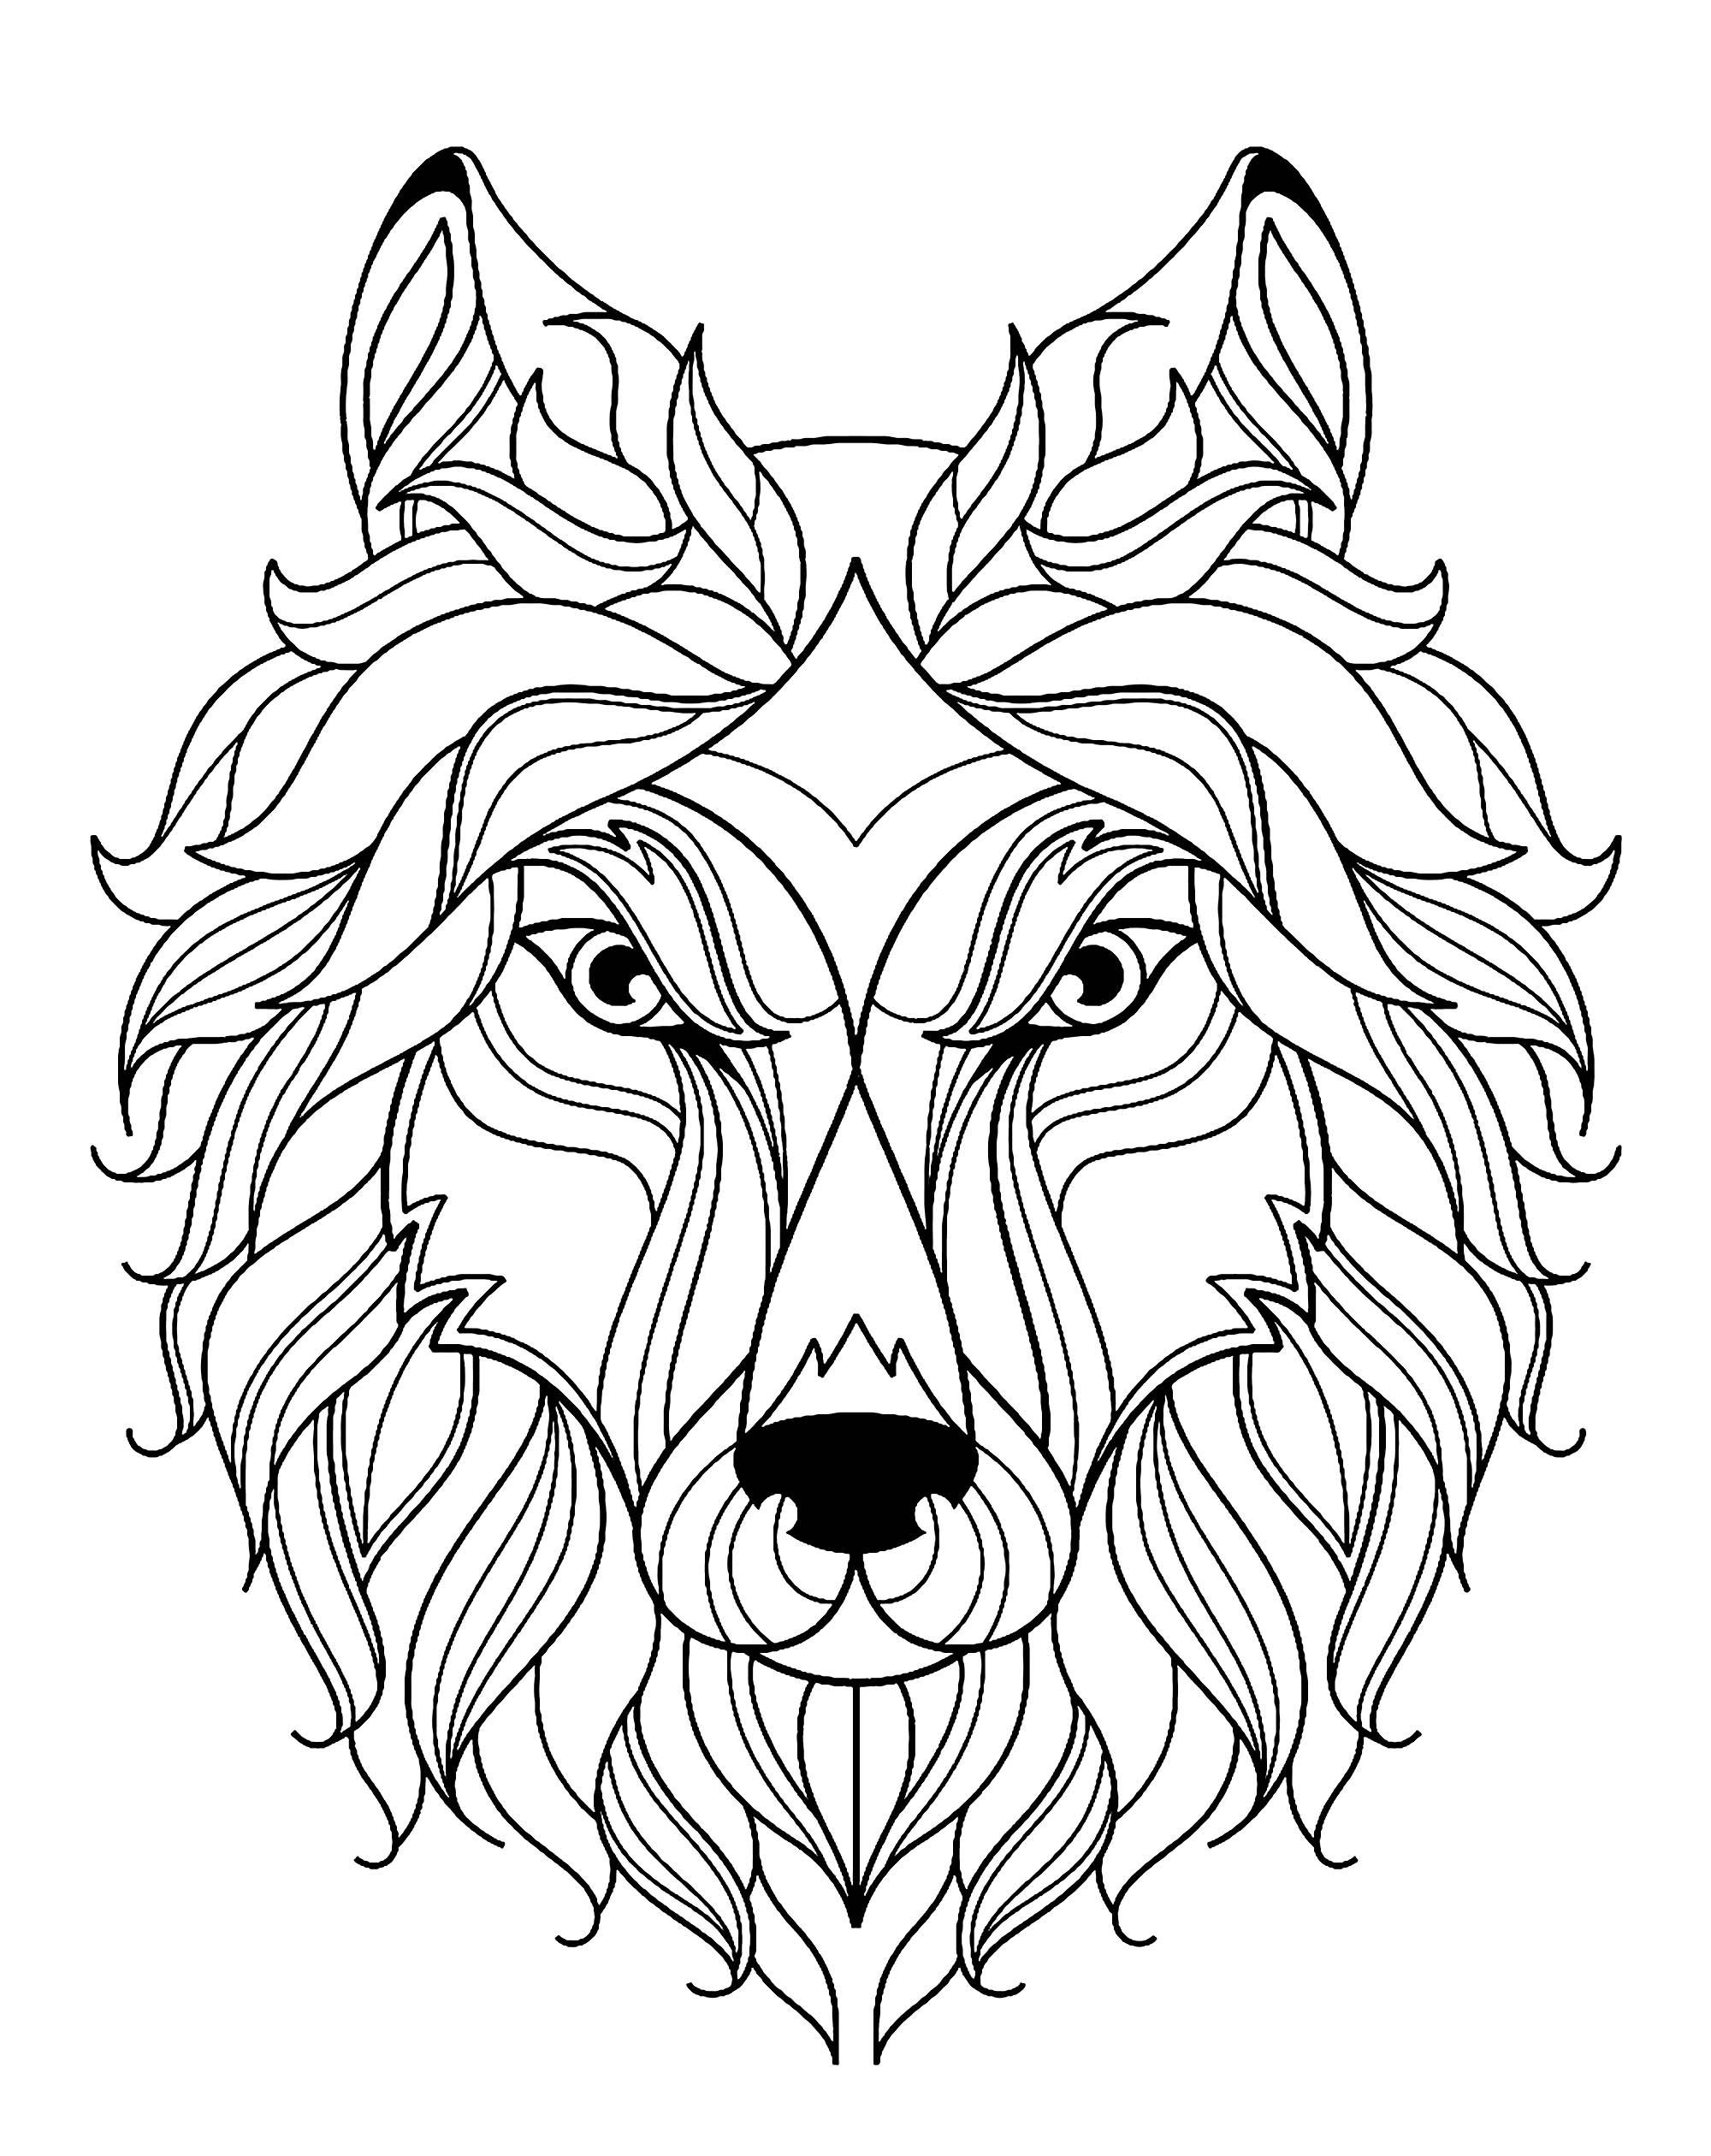 Tete De Loup Simple - Loups - Coloriages Difficiles Pour destiné Des Coloriage